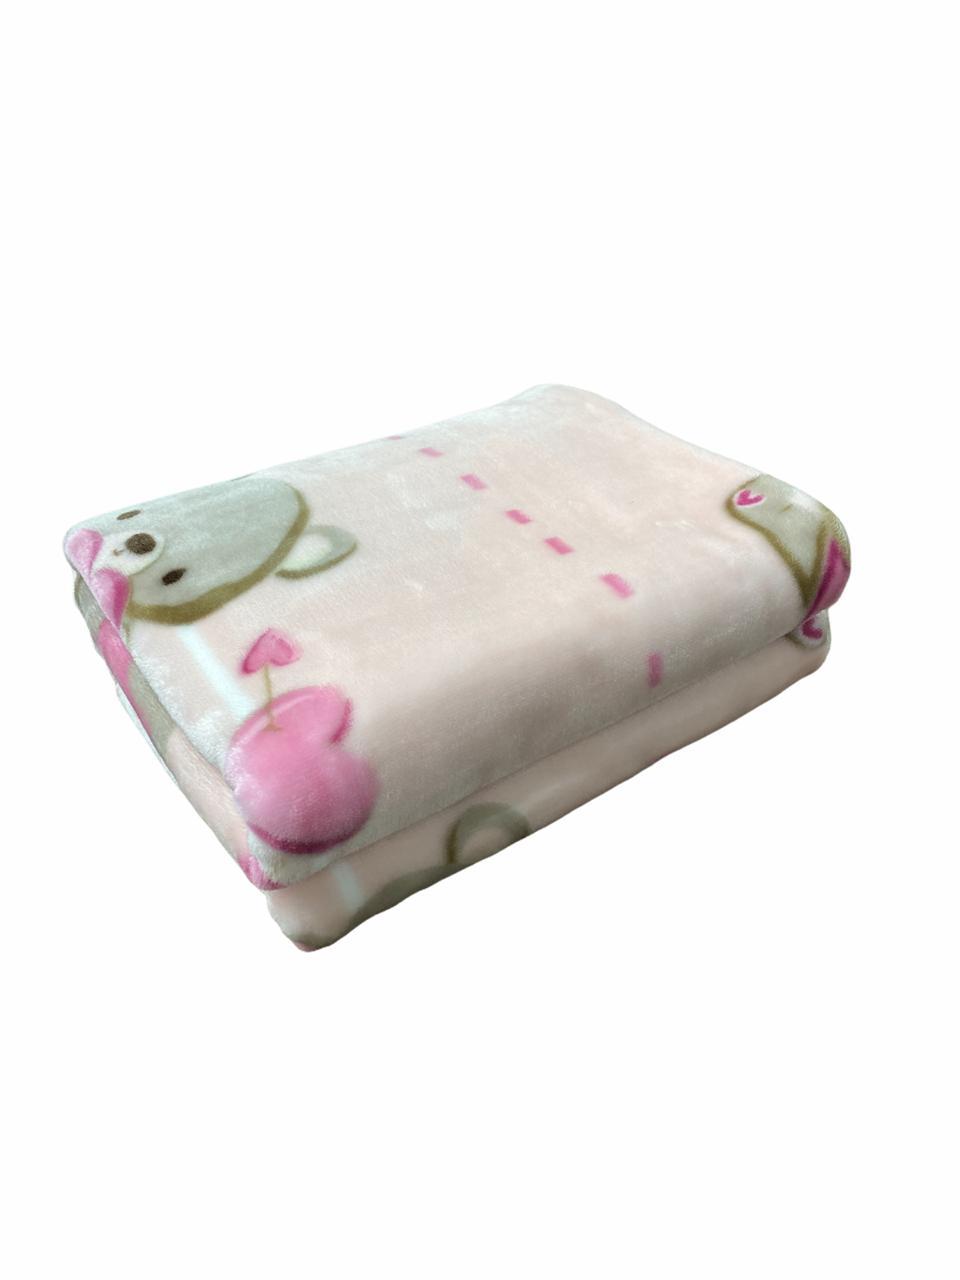 Cobertor Baby Flannel Toque de Seda - Etruria